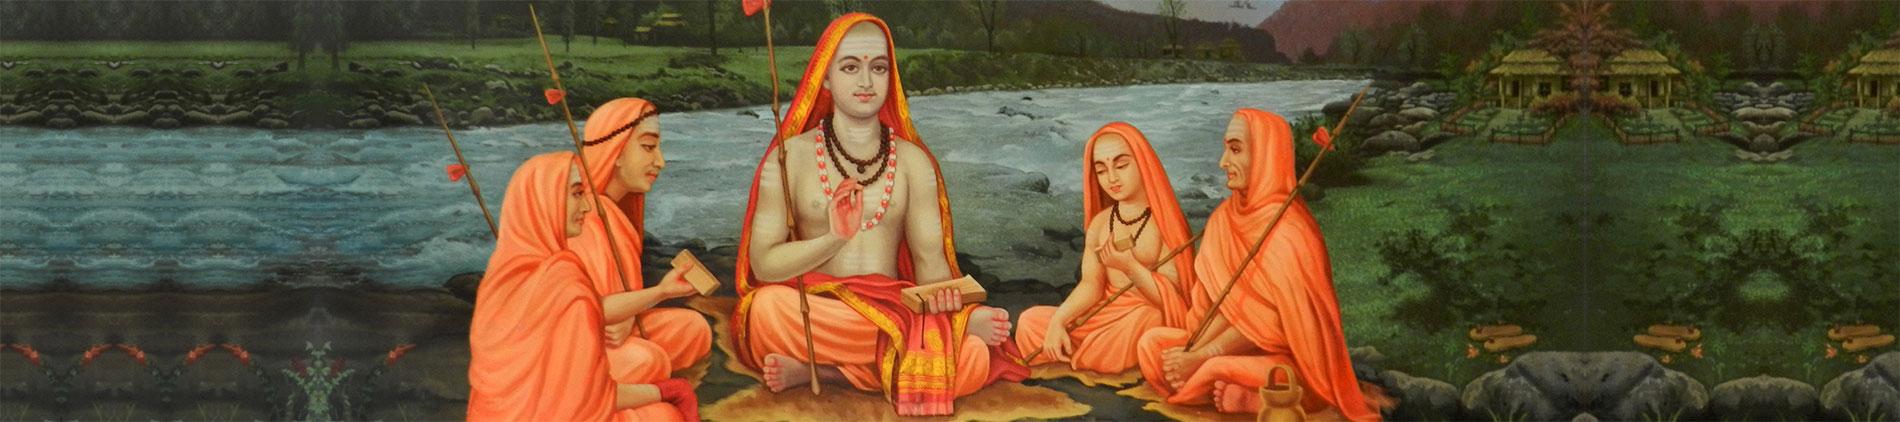 Maha Parivrajaka Blog-Banner